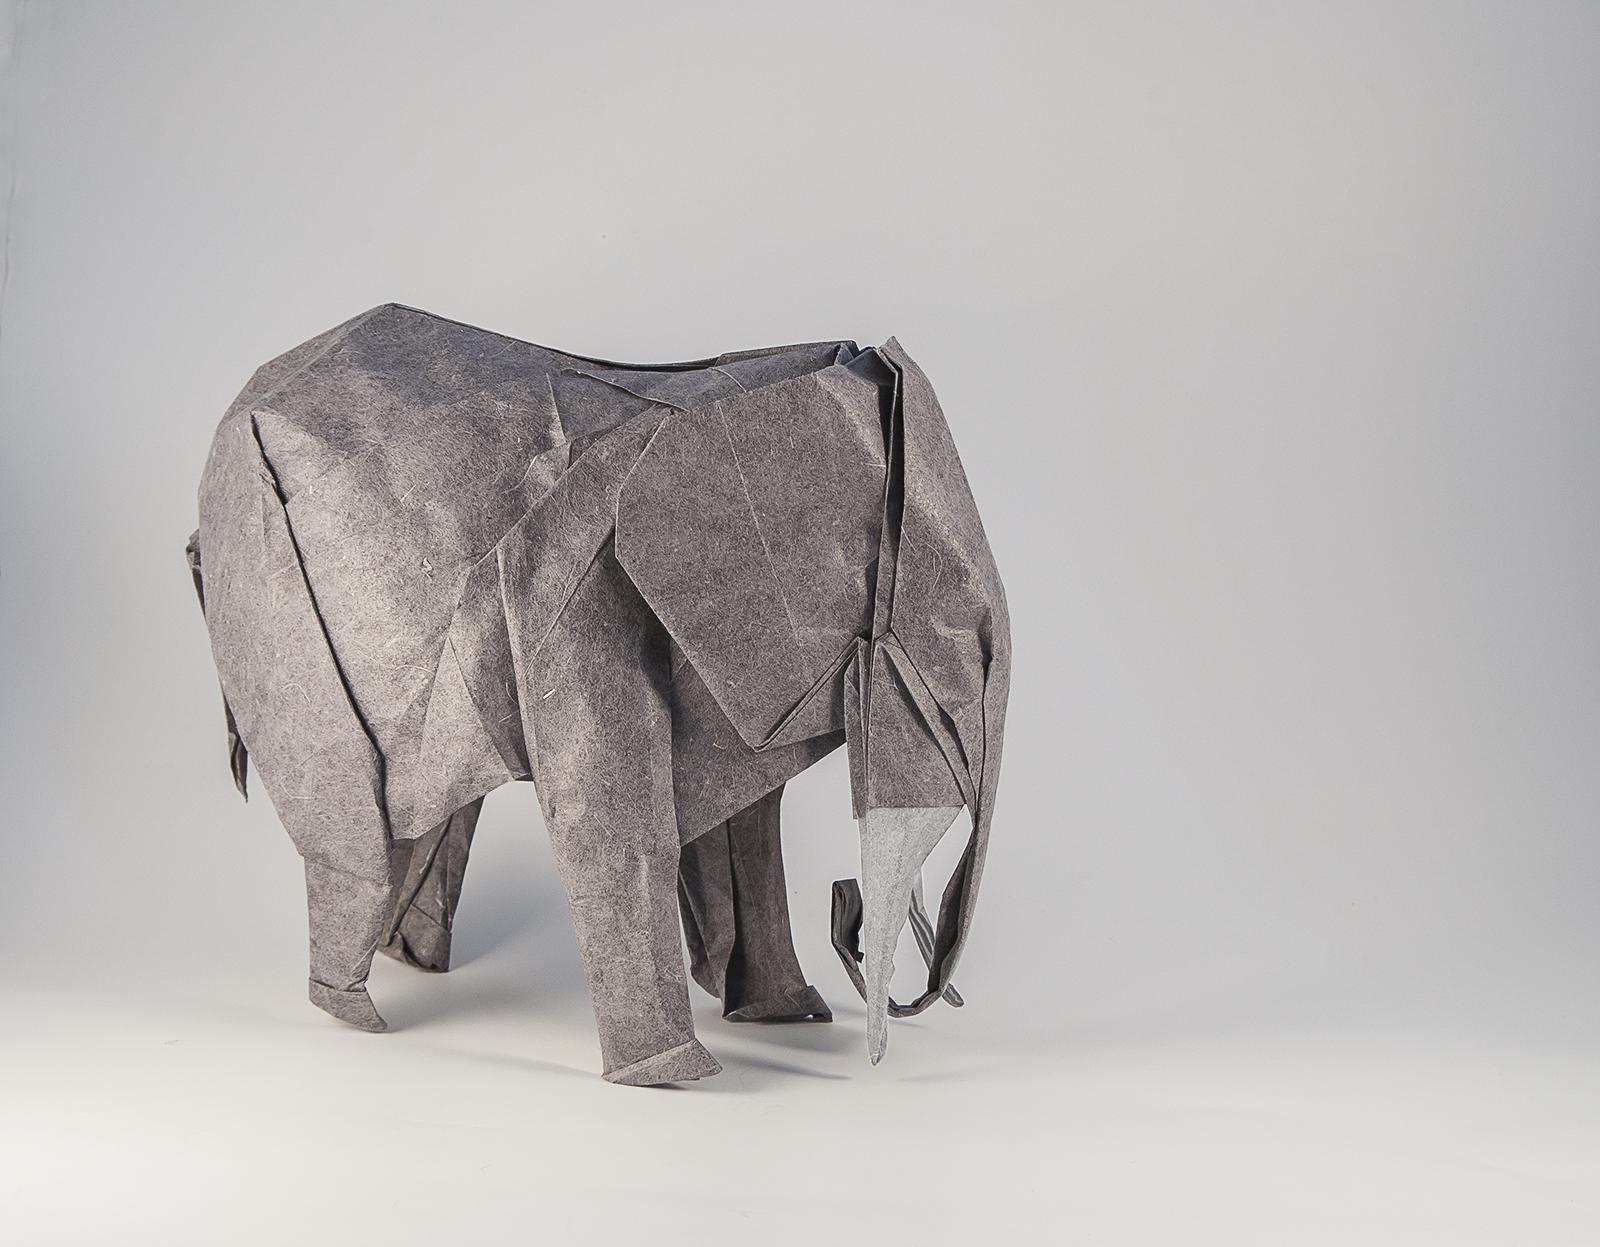 Elefante Artur Biernacki